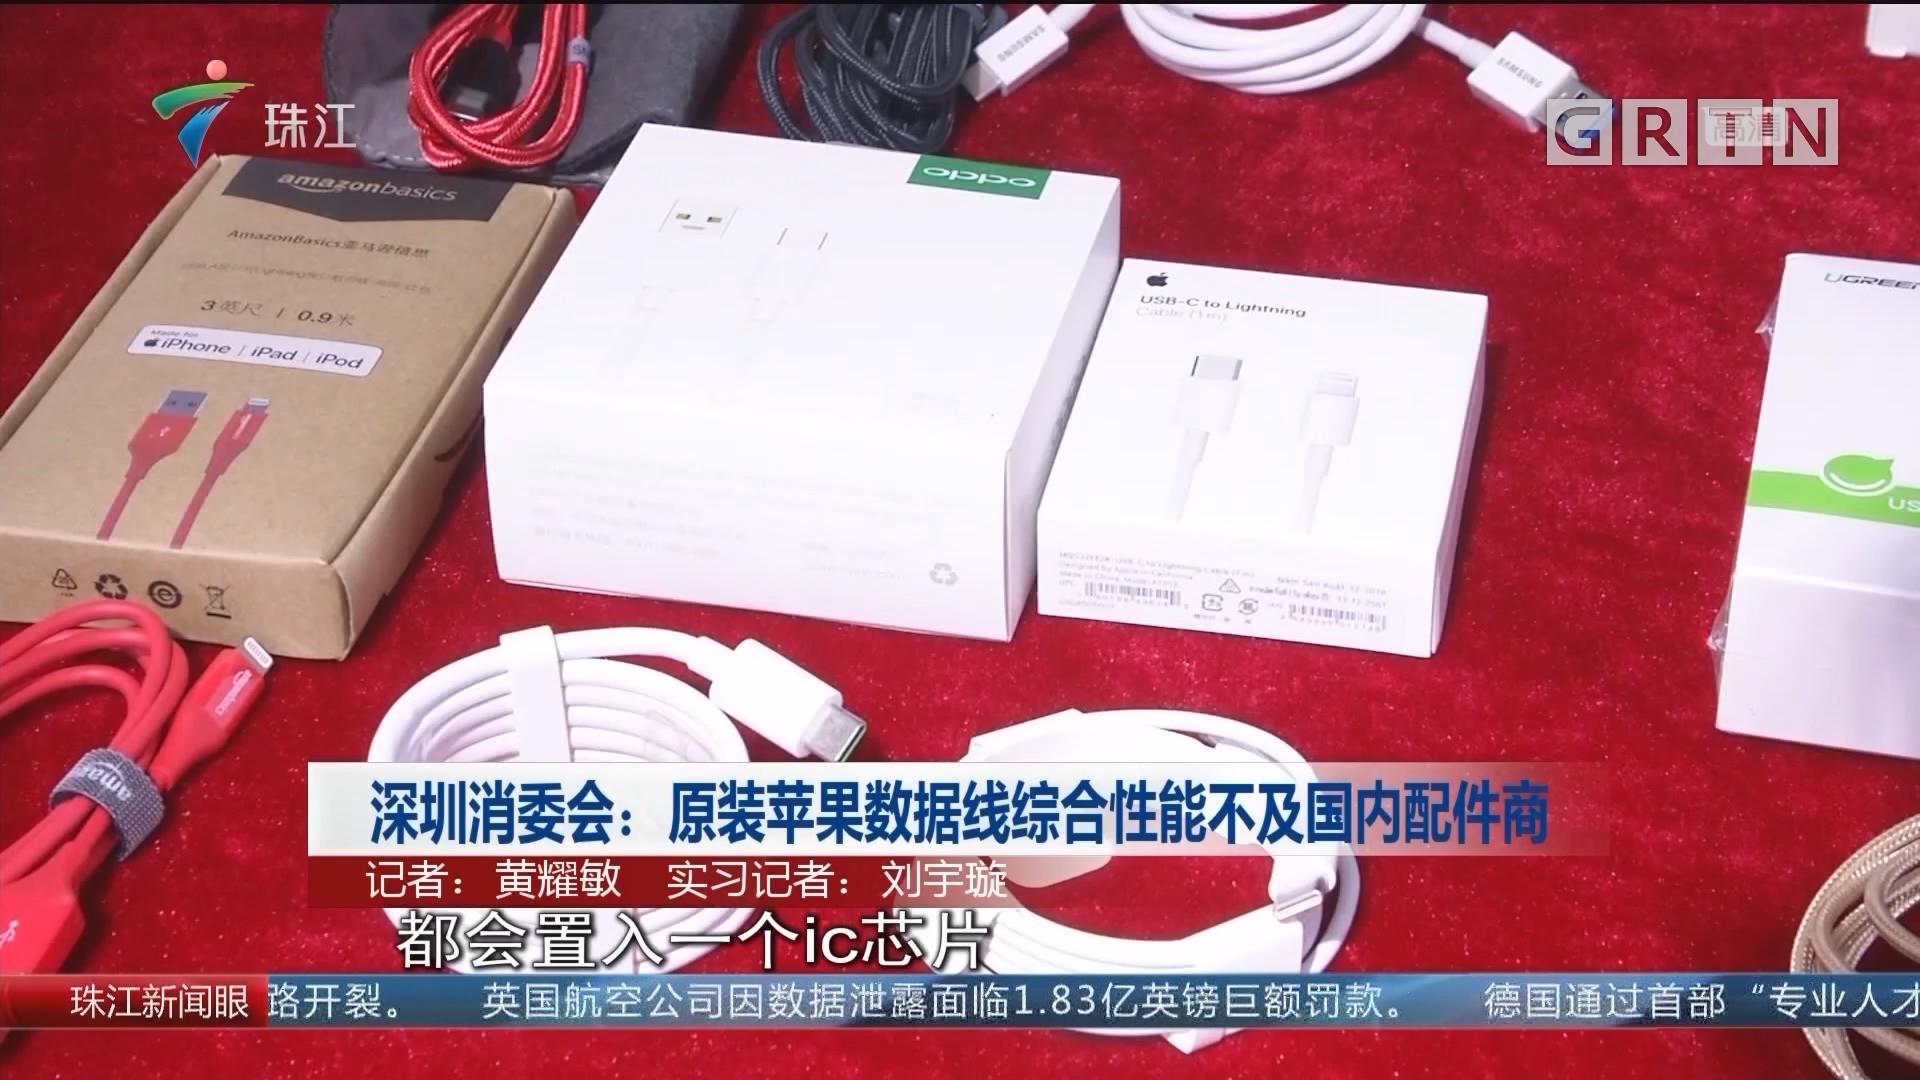 深圳消委会:原装苹果数据线综合性能不及国内配件商